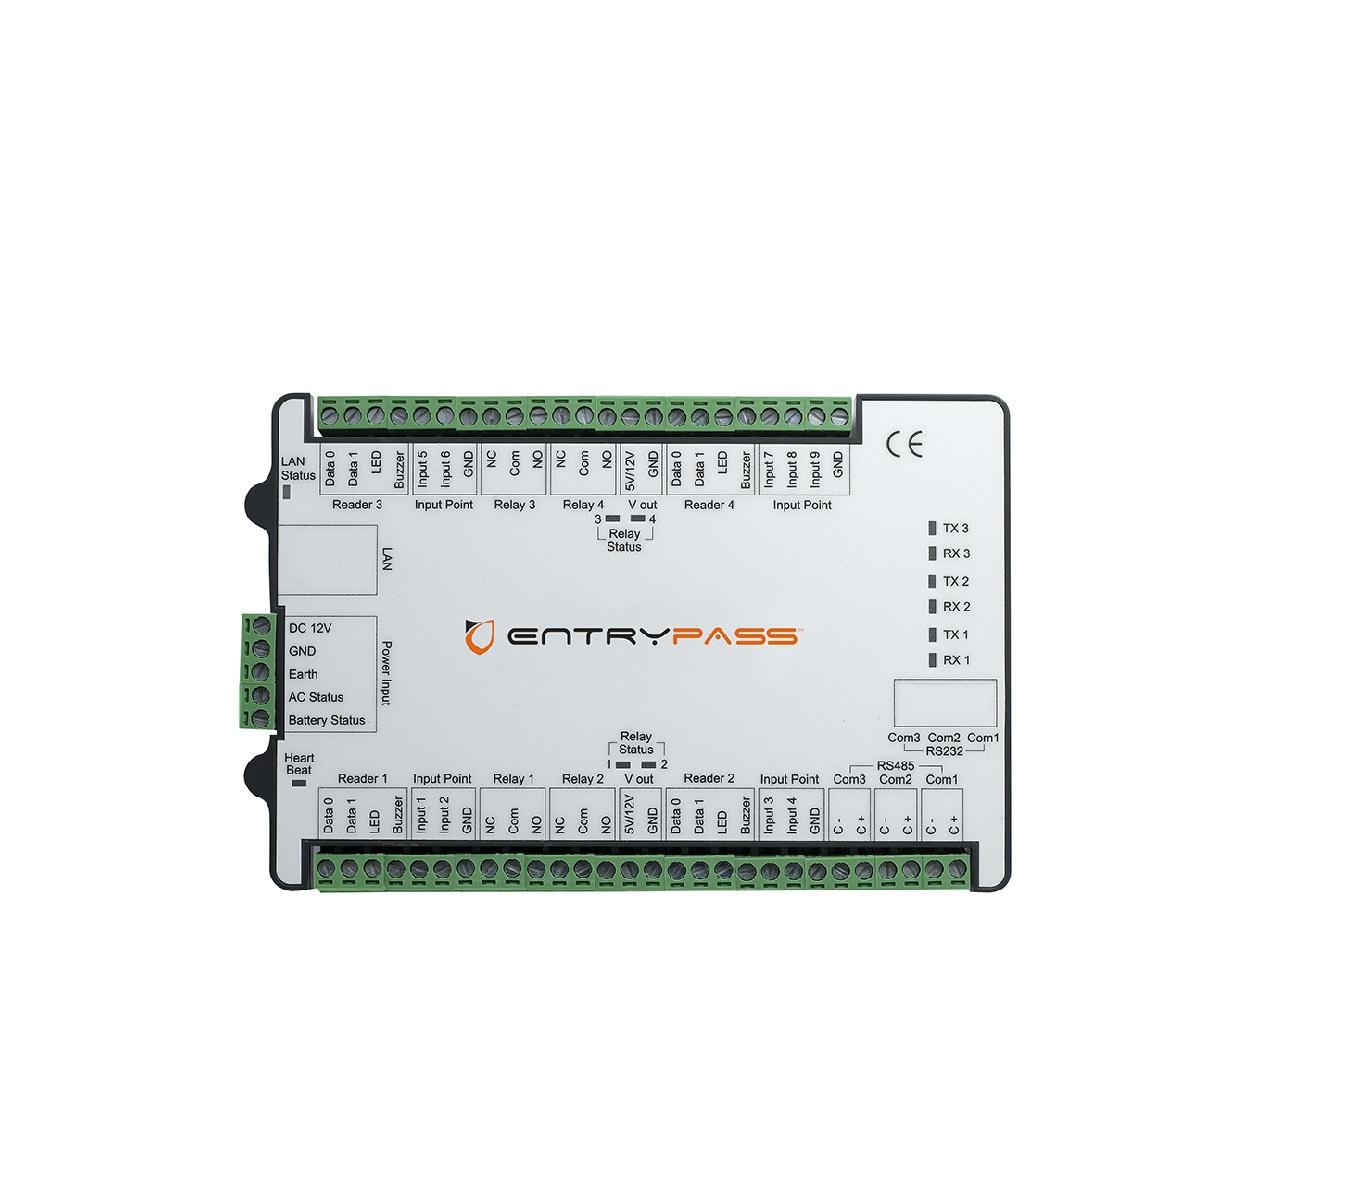 Bộ điều khiển kiểm soát cửa EP.S3200.PSU